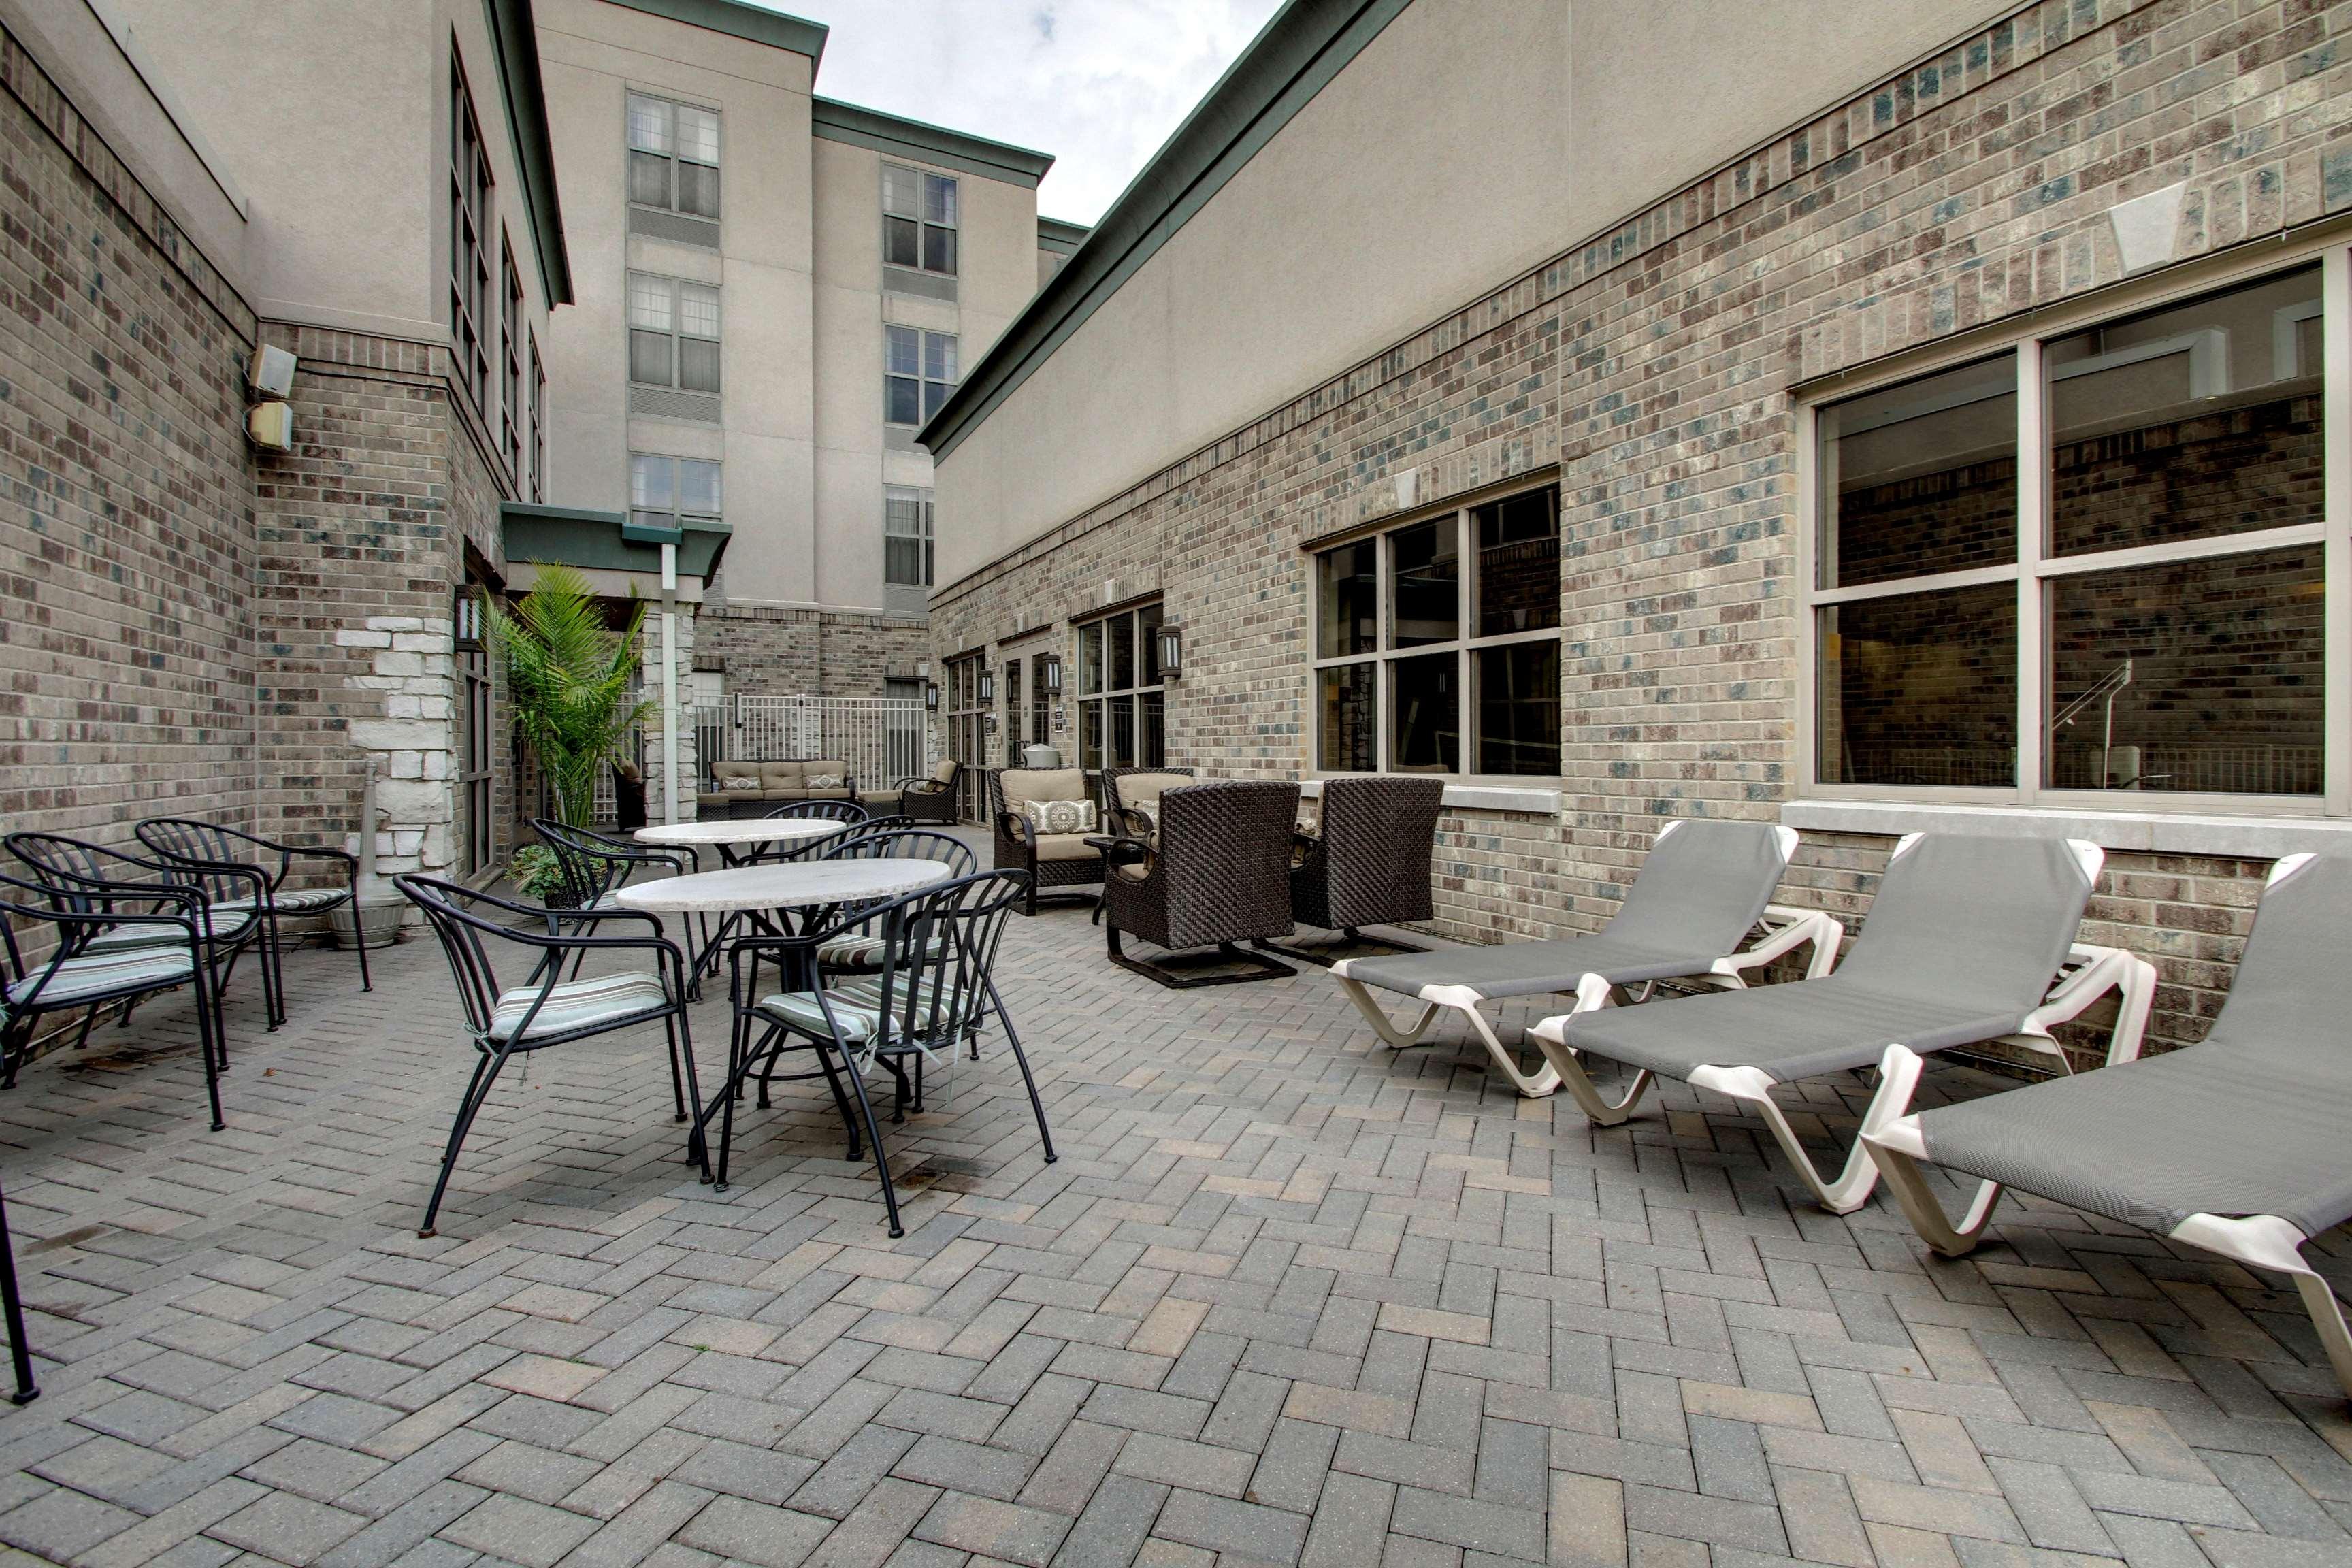 Hampton Inn & Suites Chicago/Aurora image 3